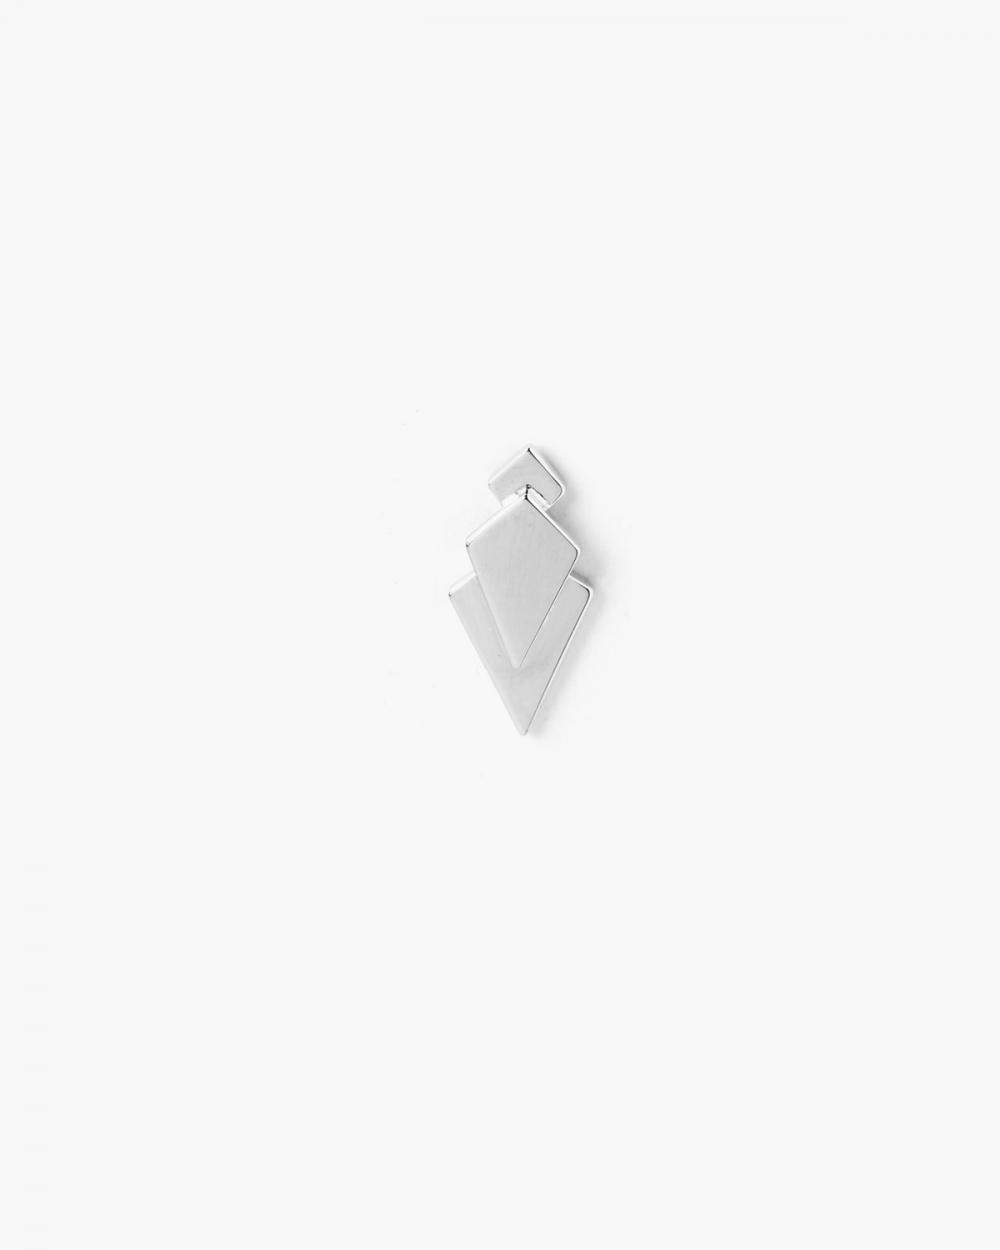 Earrings SILVER PRISM SINGLE LOBE EARRING NOVE25